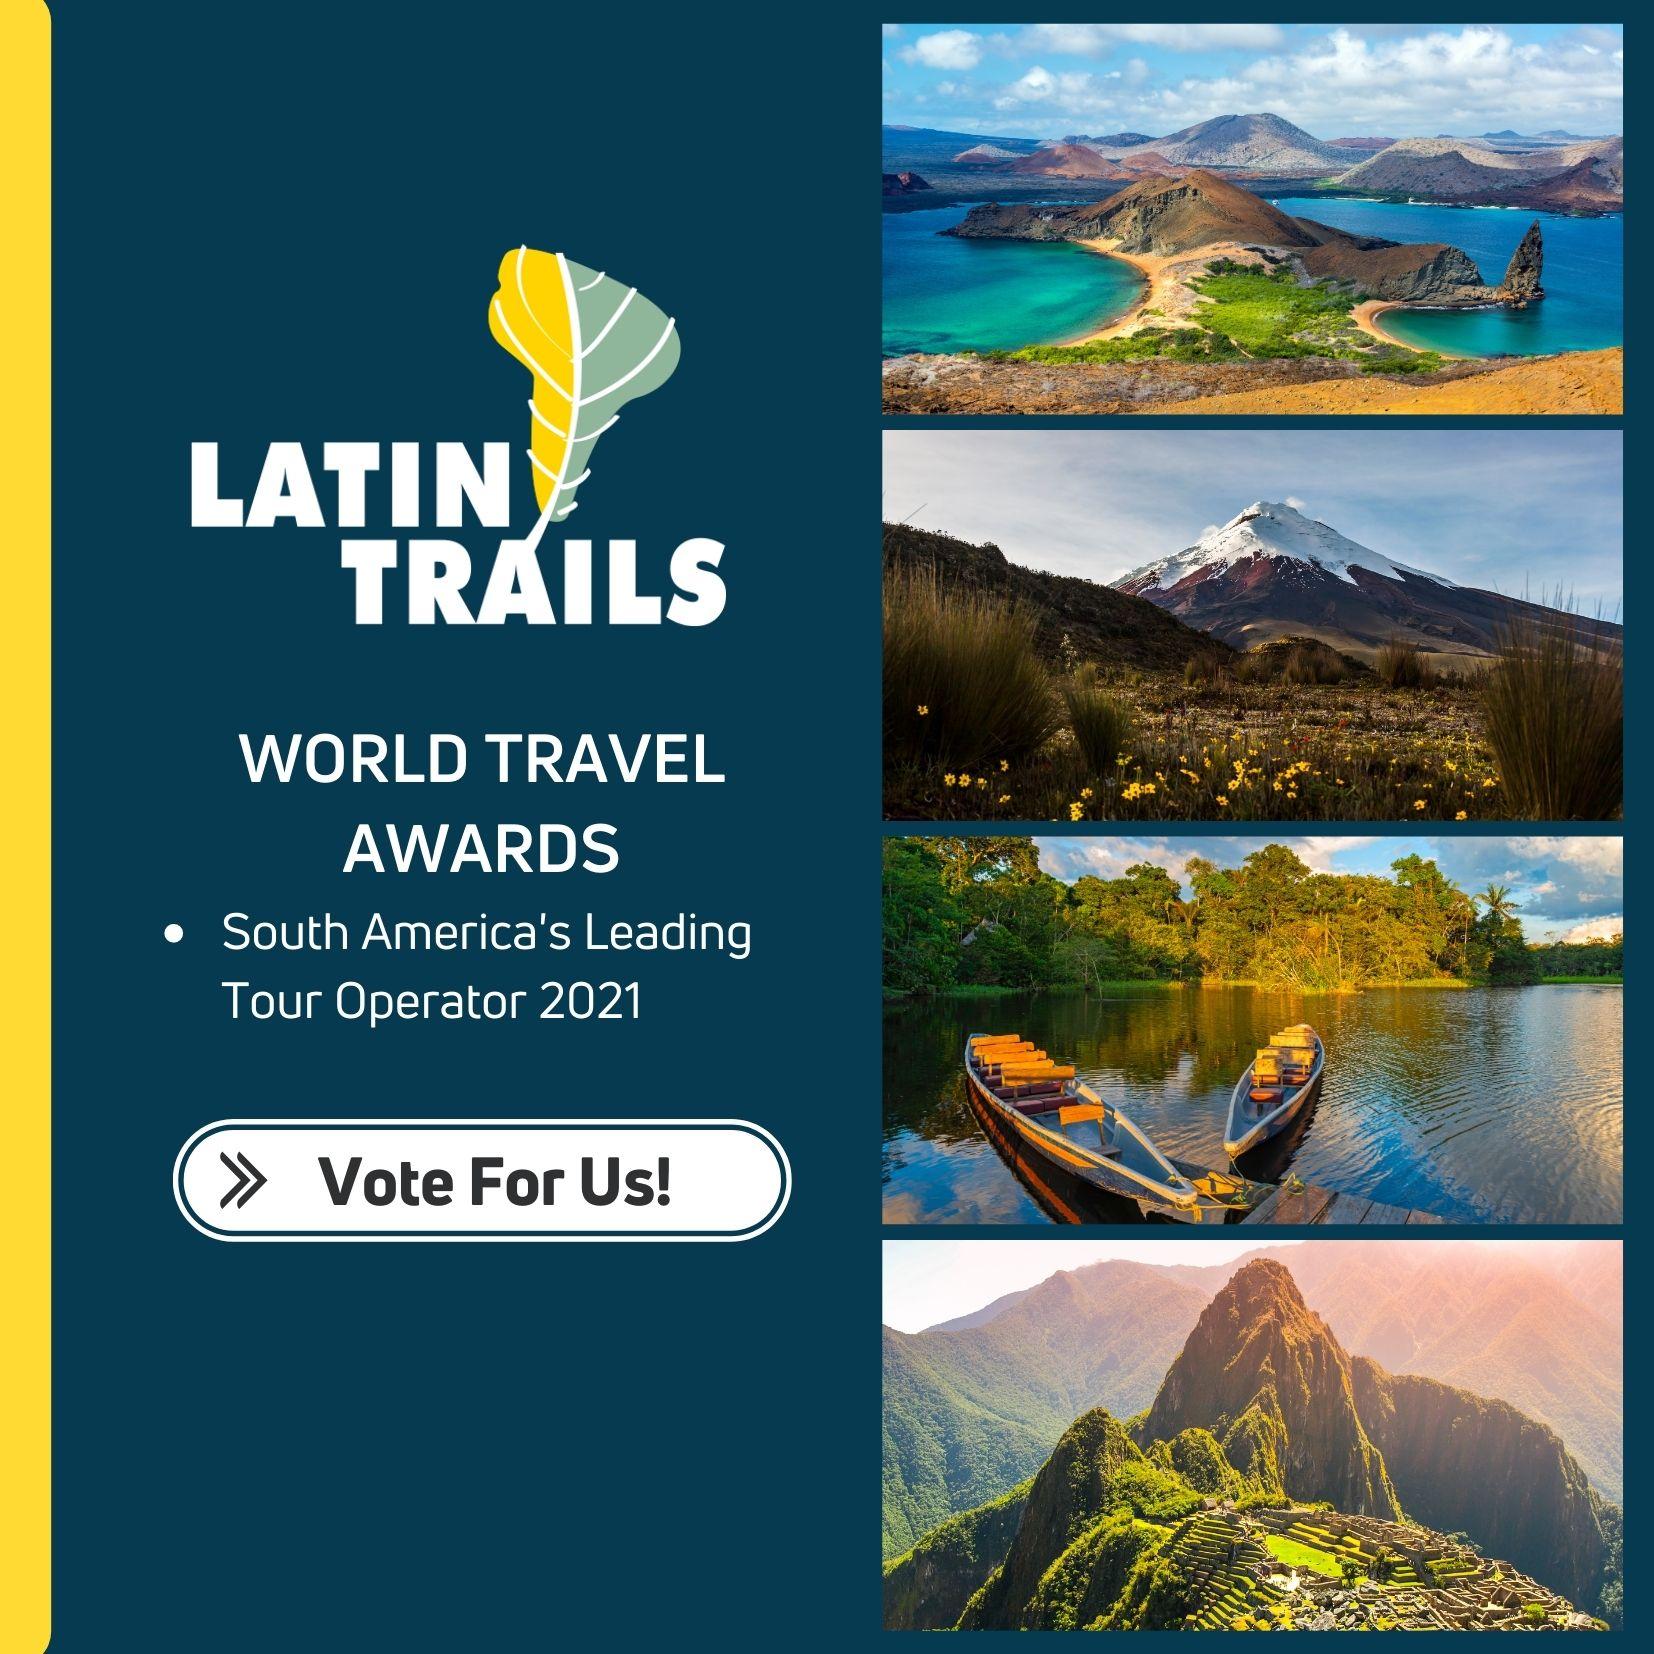 Latin Trails World Travel Awards